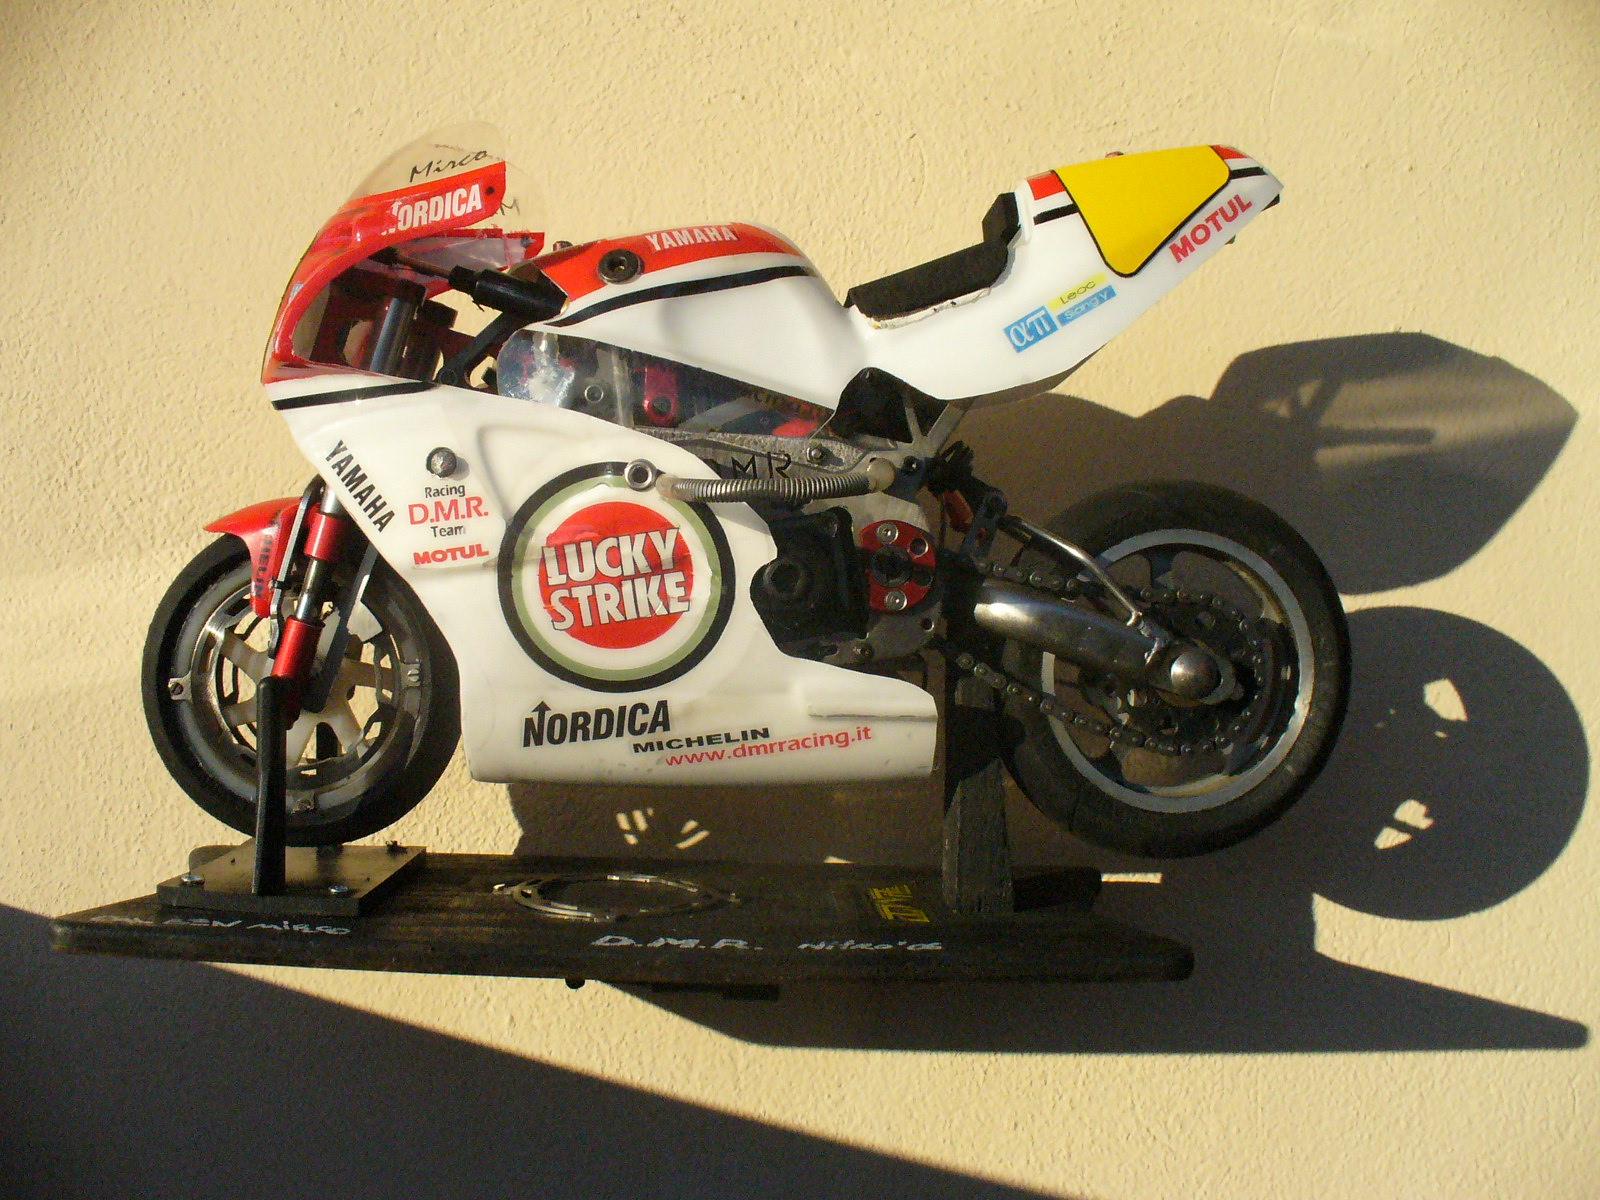 DMR 06 motoradiocomandata full titanium nitro bike